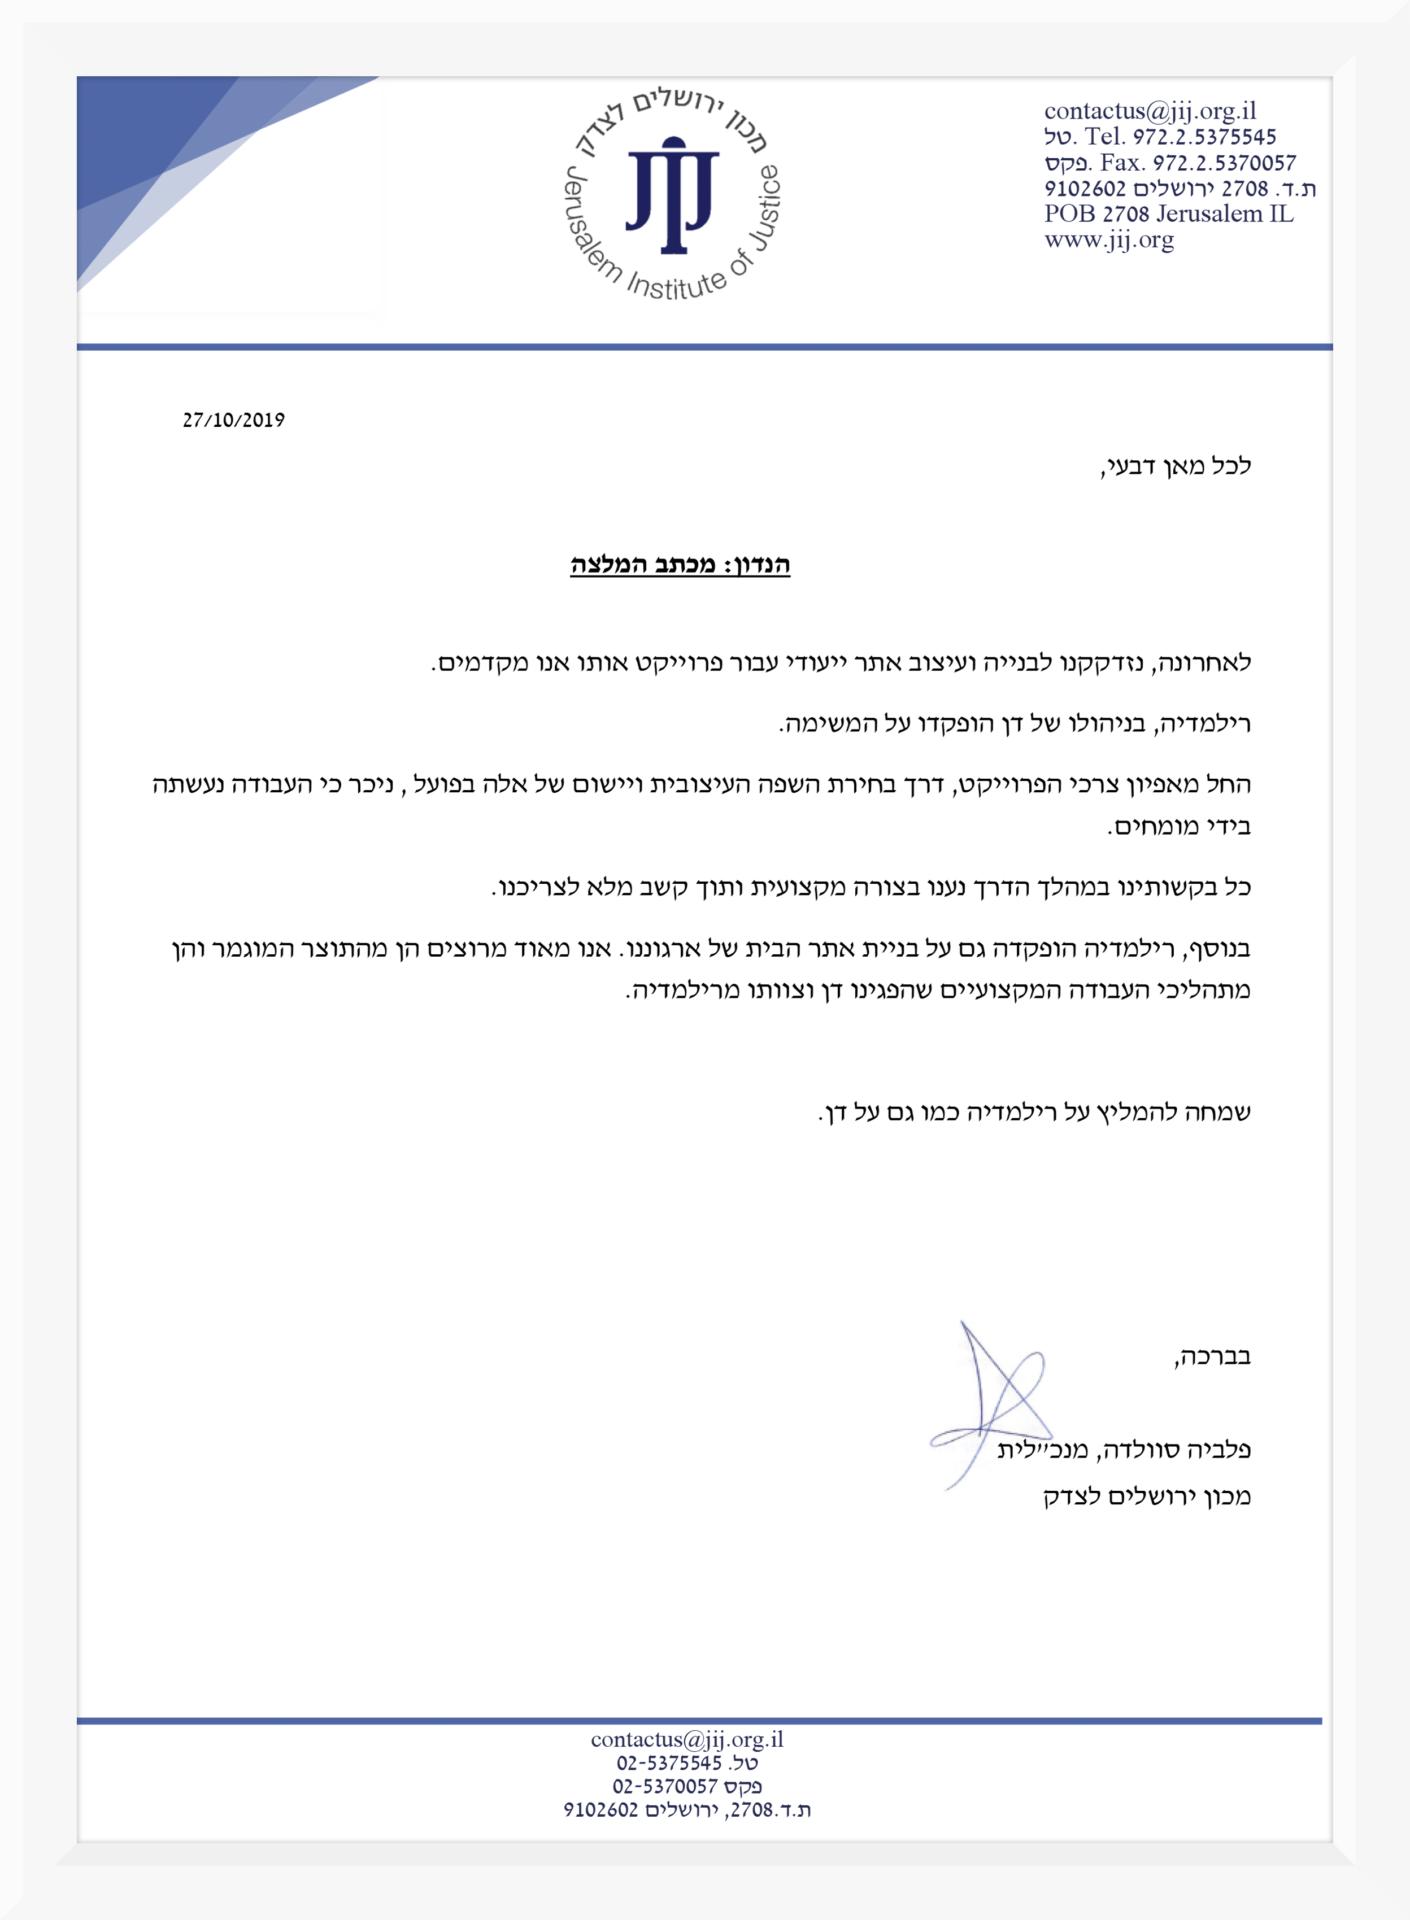 המלצה המכון הישראלי לצדק